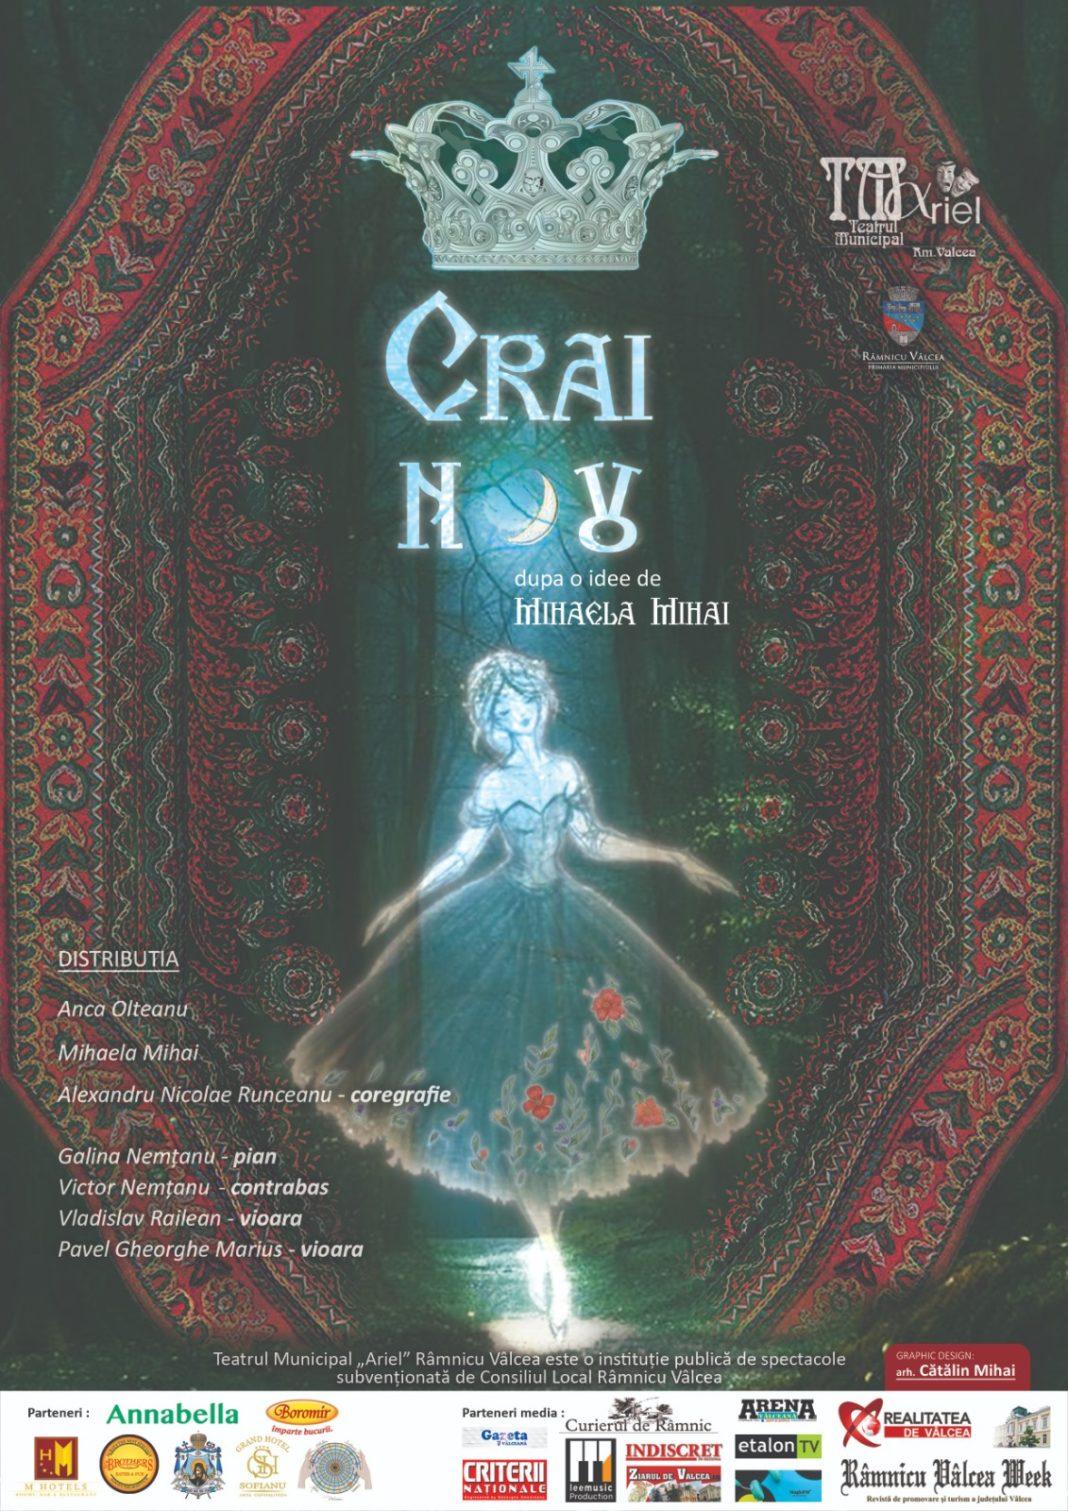 Crai Nou, un spectacol ce îmbină veselia, zâmbetul, cu poezia, filmul, dansul, muzica și reîntâlnirea cu personaje feminine, reale, ale României